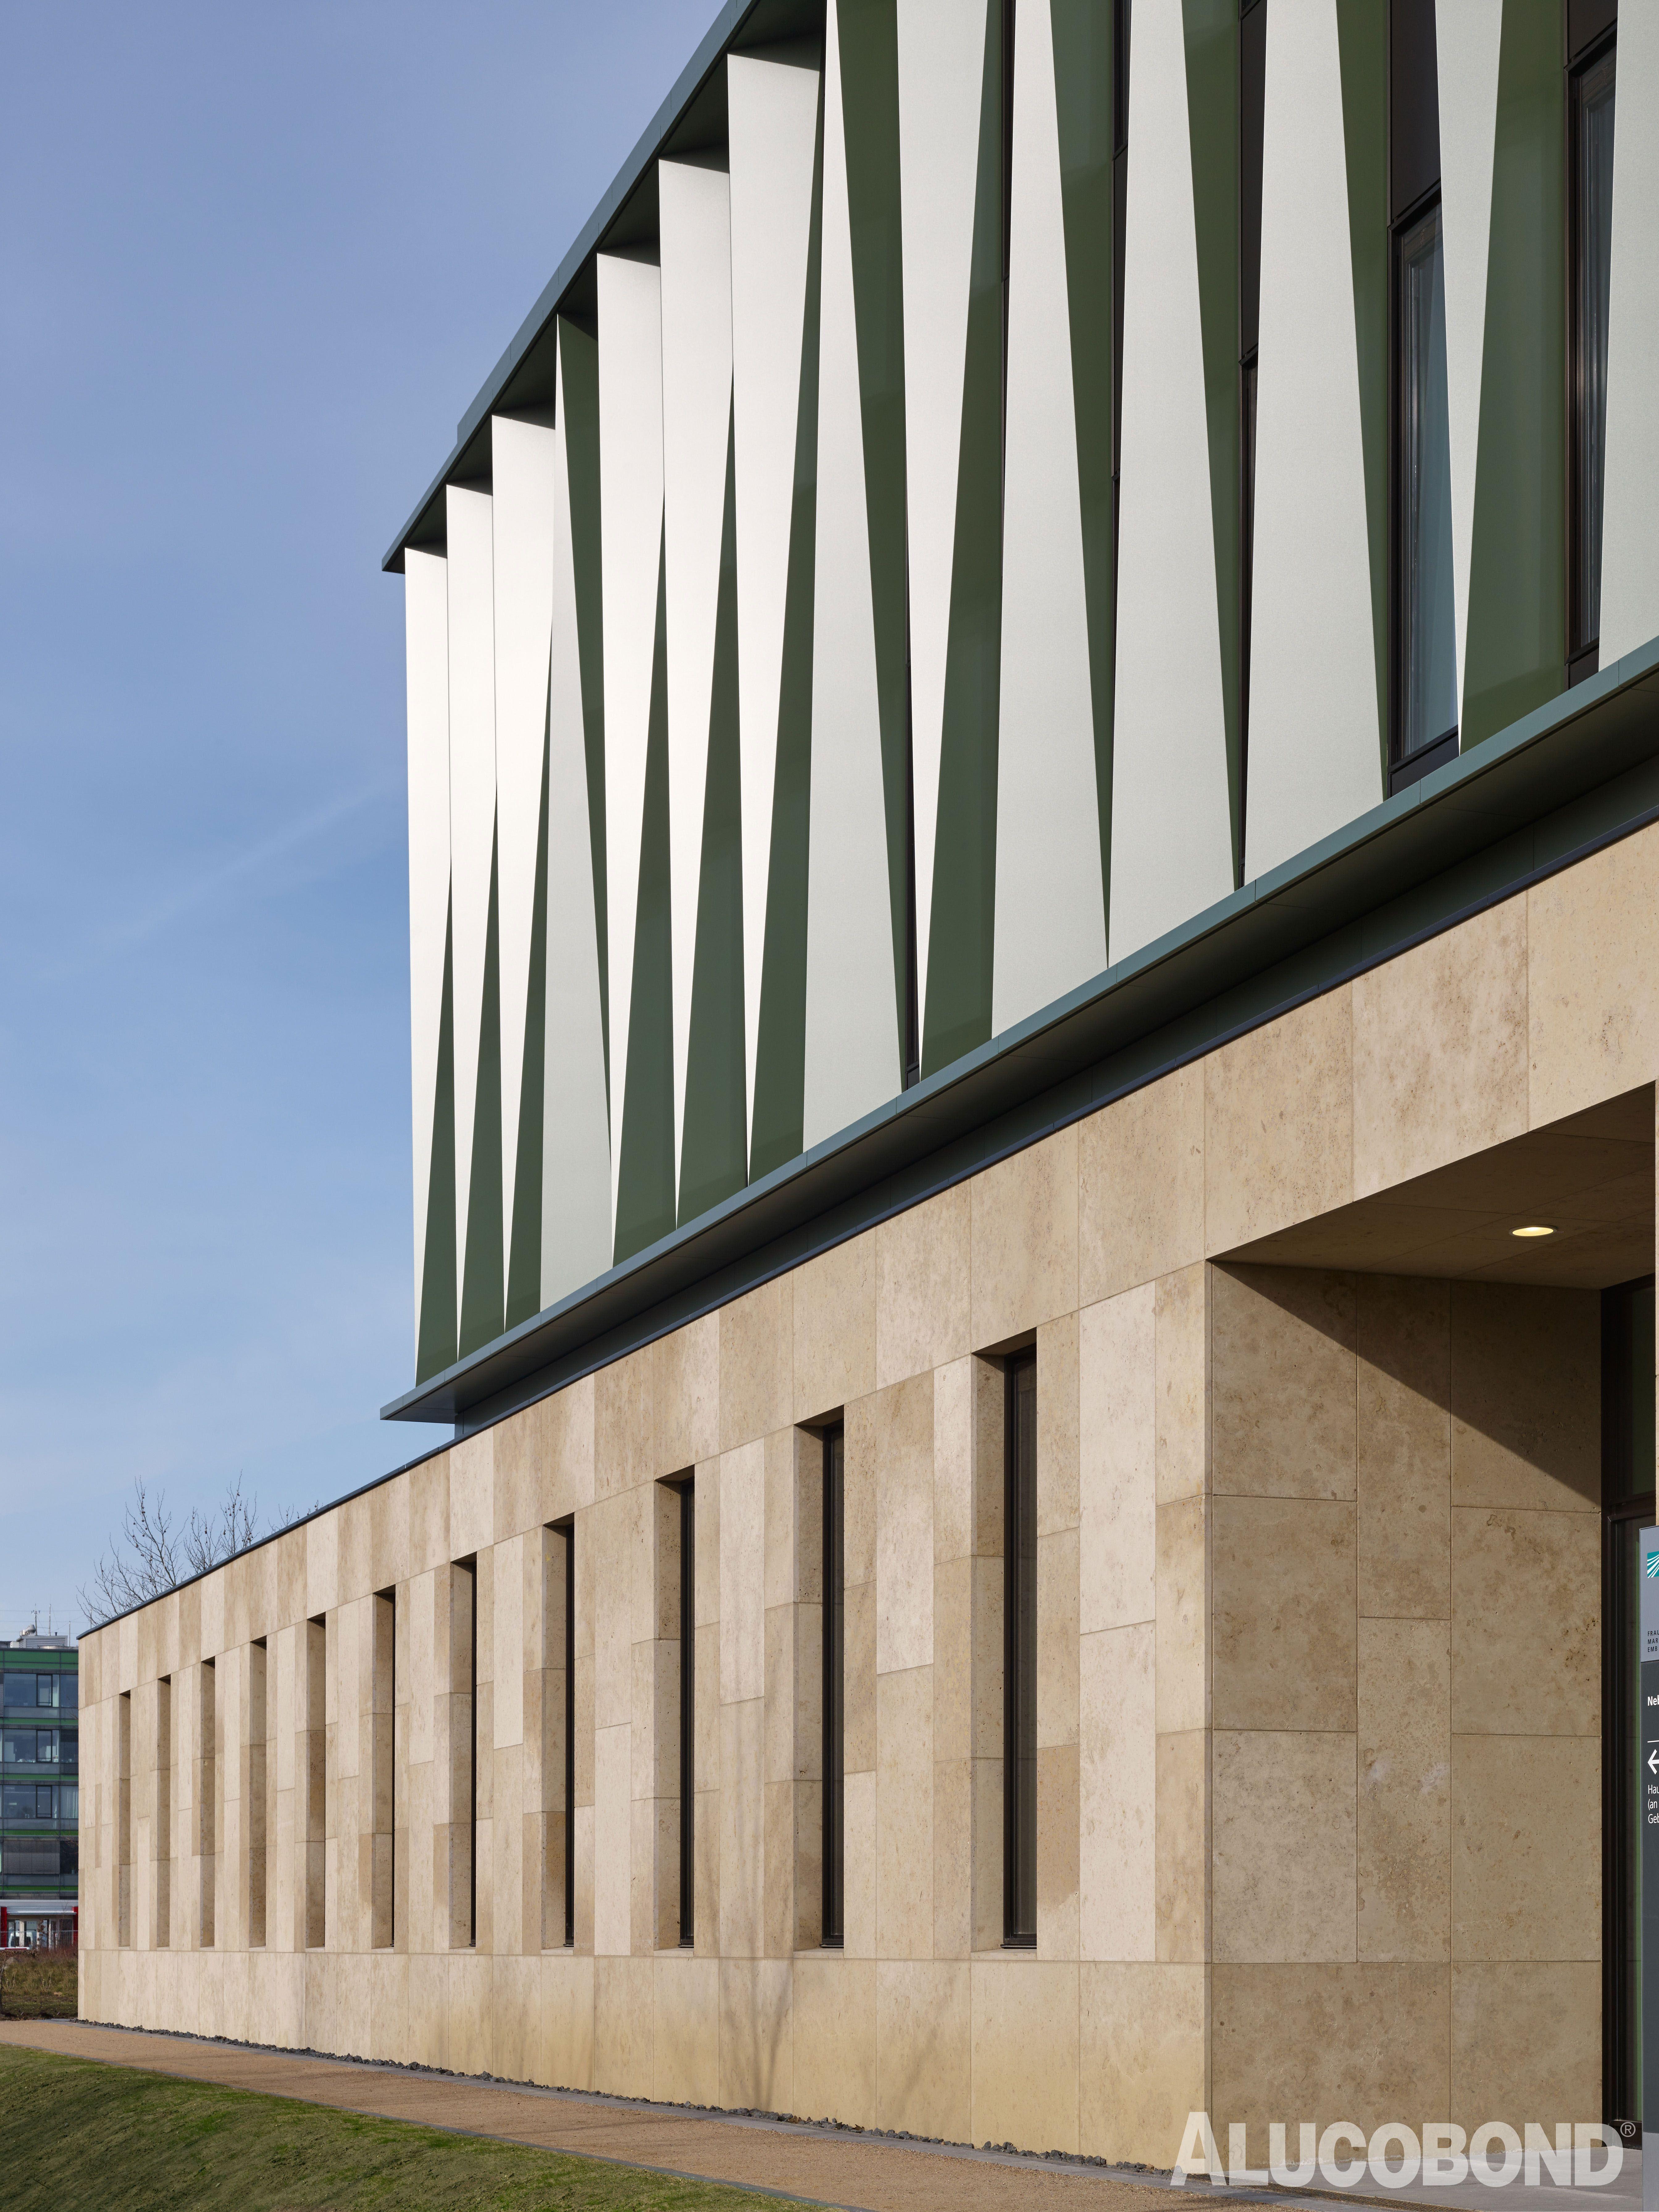 Architekten Lübeck fraunhofer institute for marine biotechnology lübeck germany